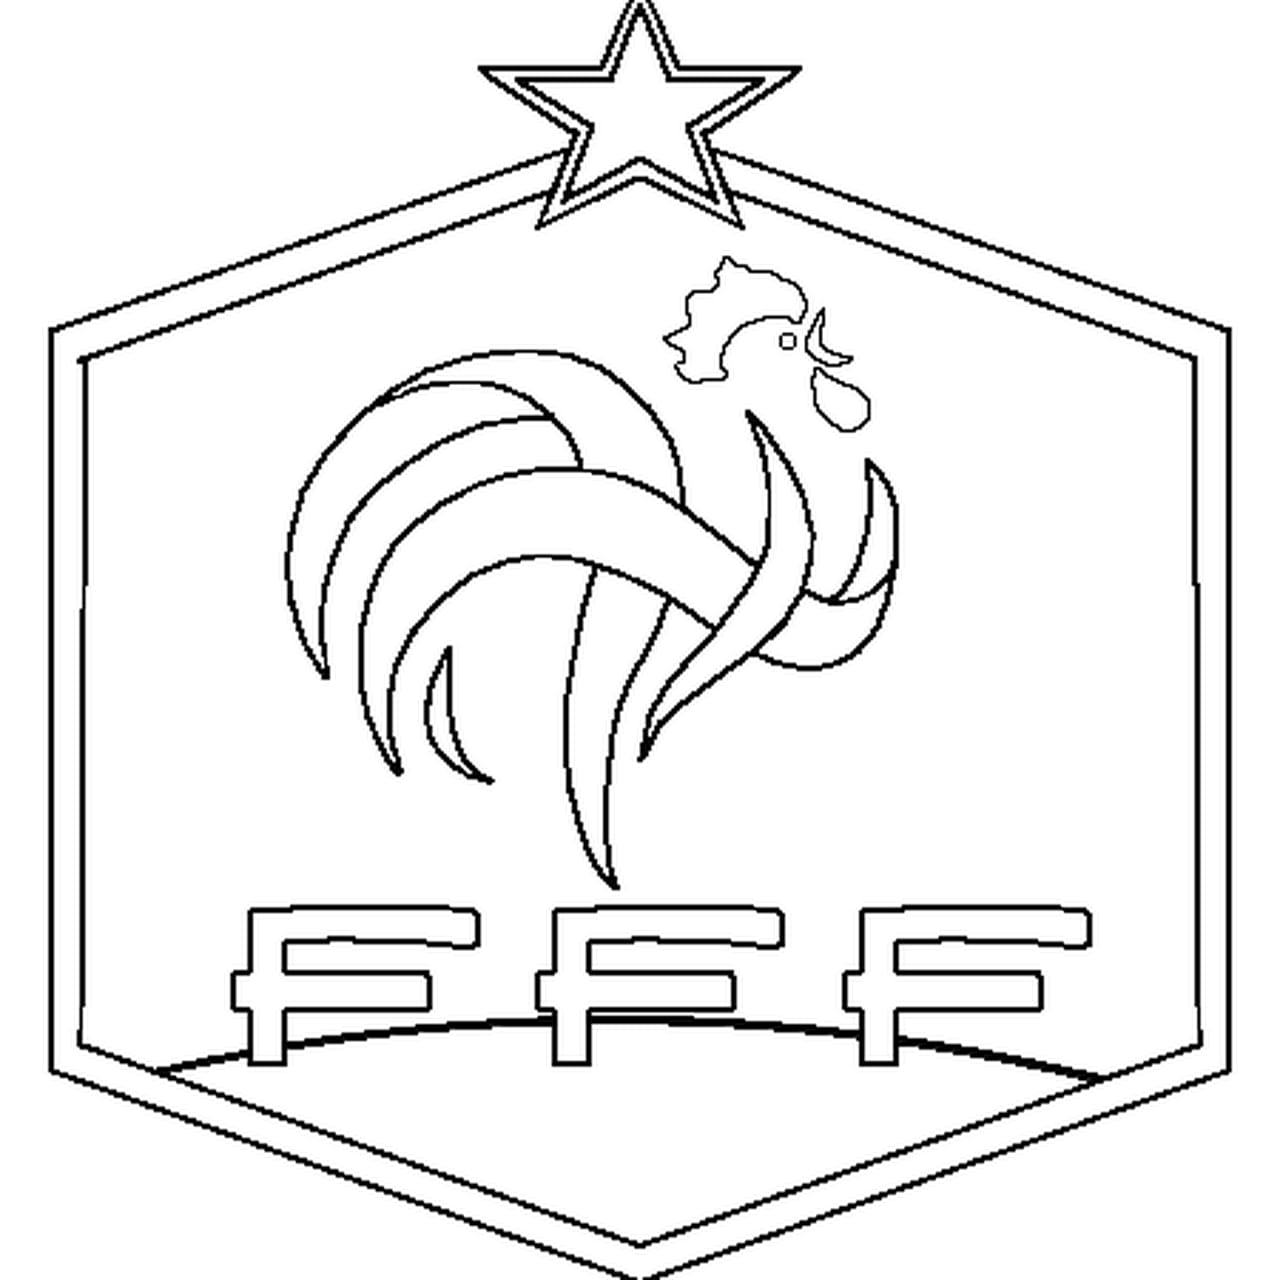 Coloriage France Football En Ligne Gratuit à Imprimer